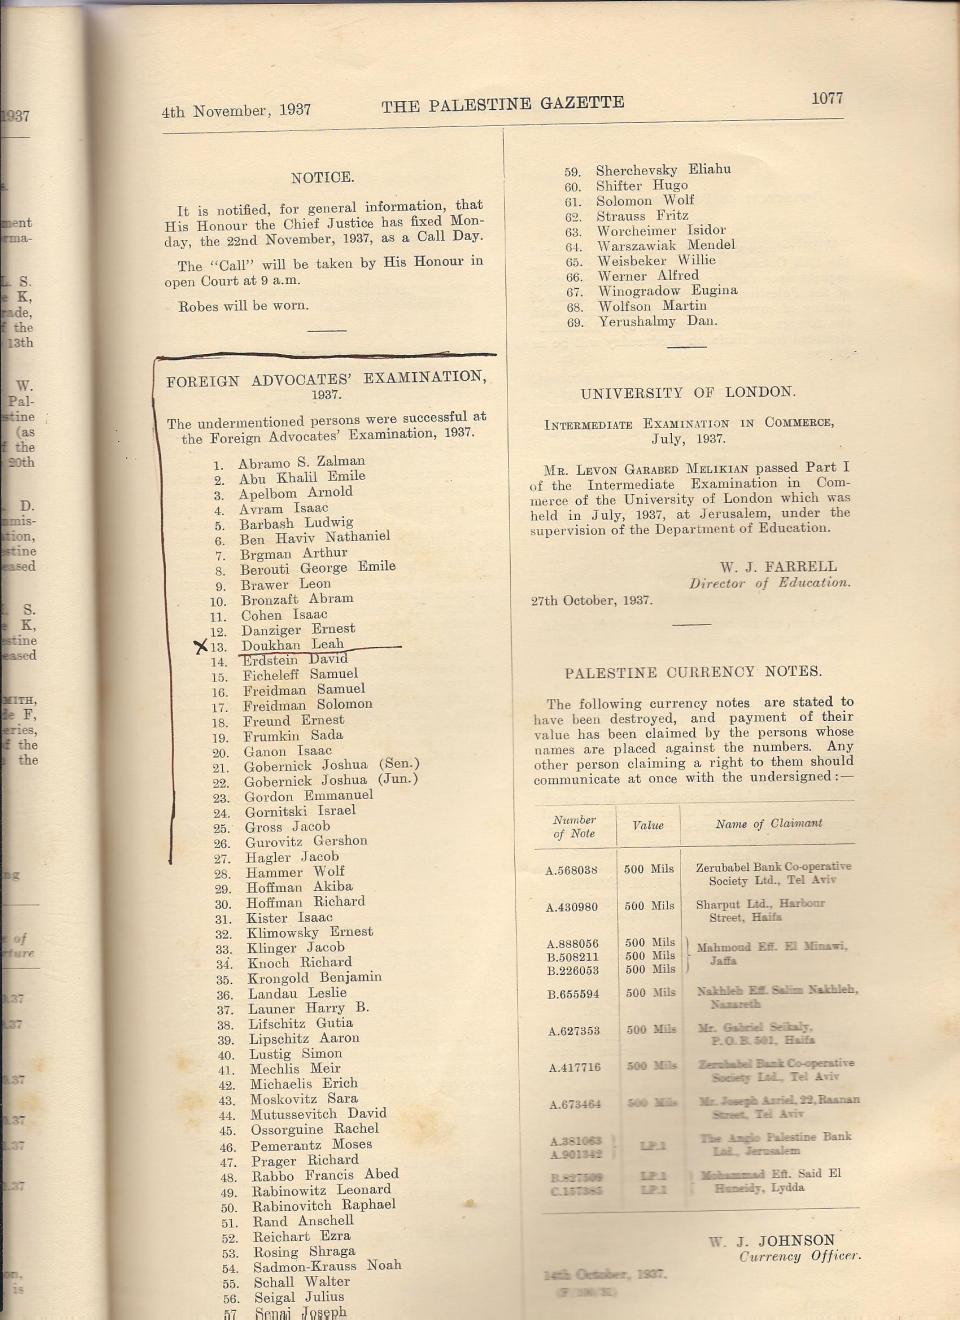 שמה של סבתא ברשימת אלו שעברו המבחנים 001